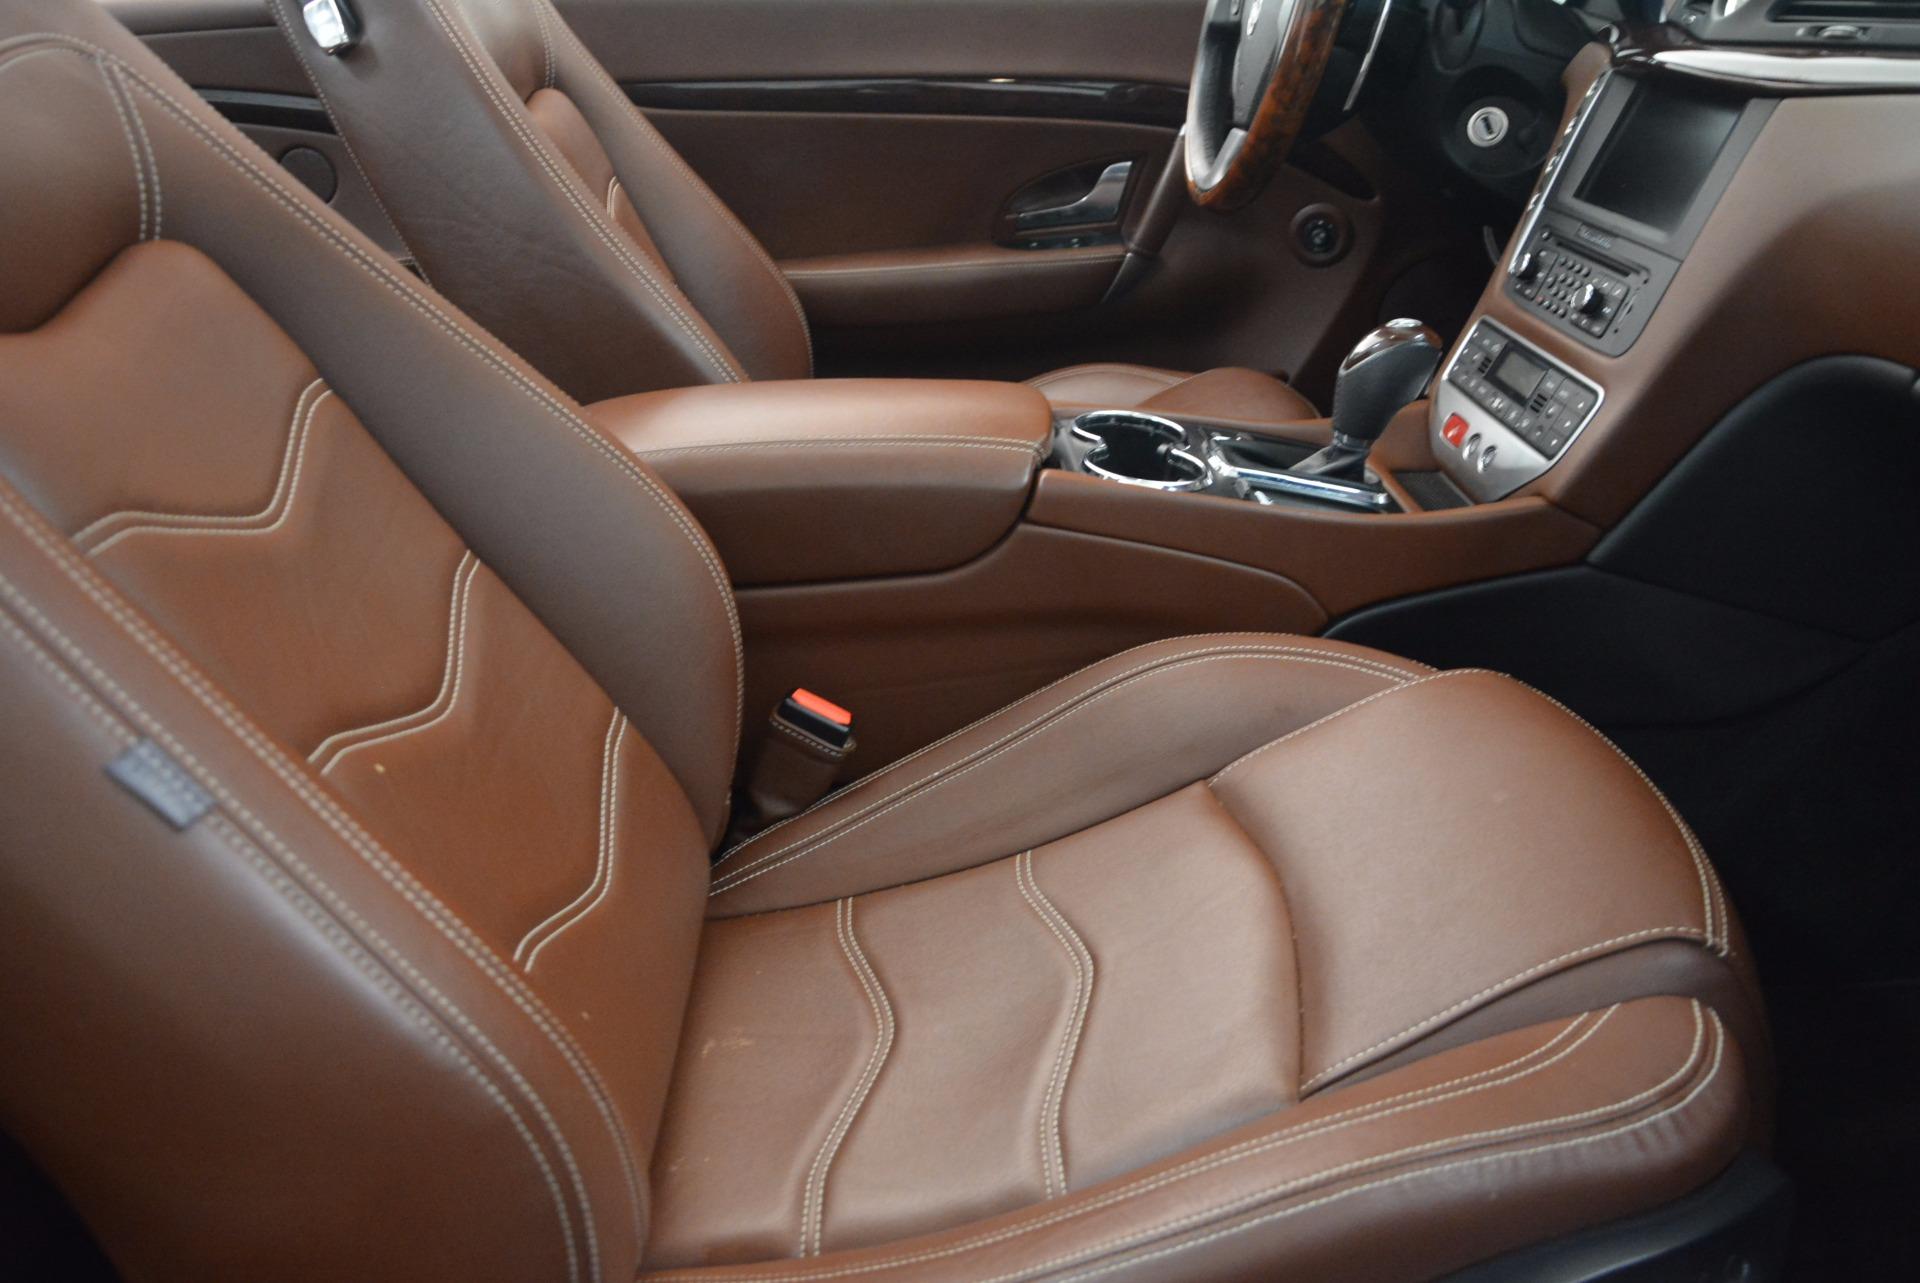 Used 2012 Maserati GranTurismo Sport For Sale In Greenwich, CT 1097_p28